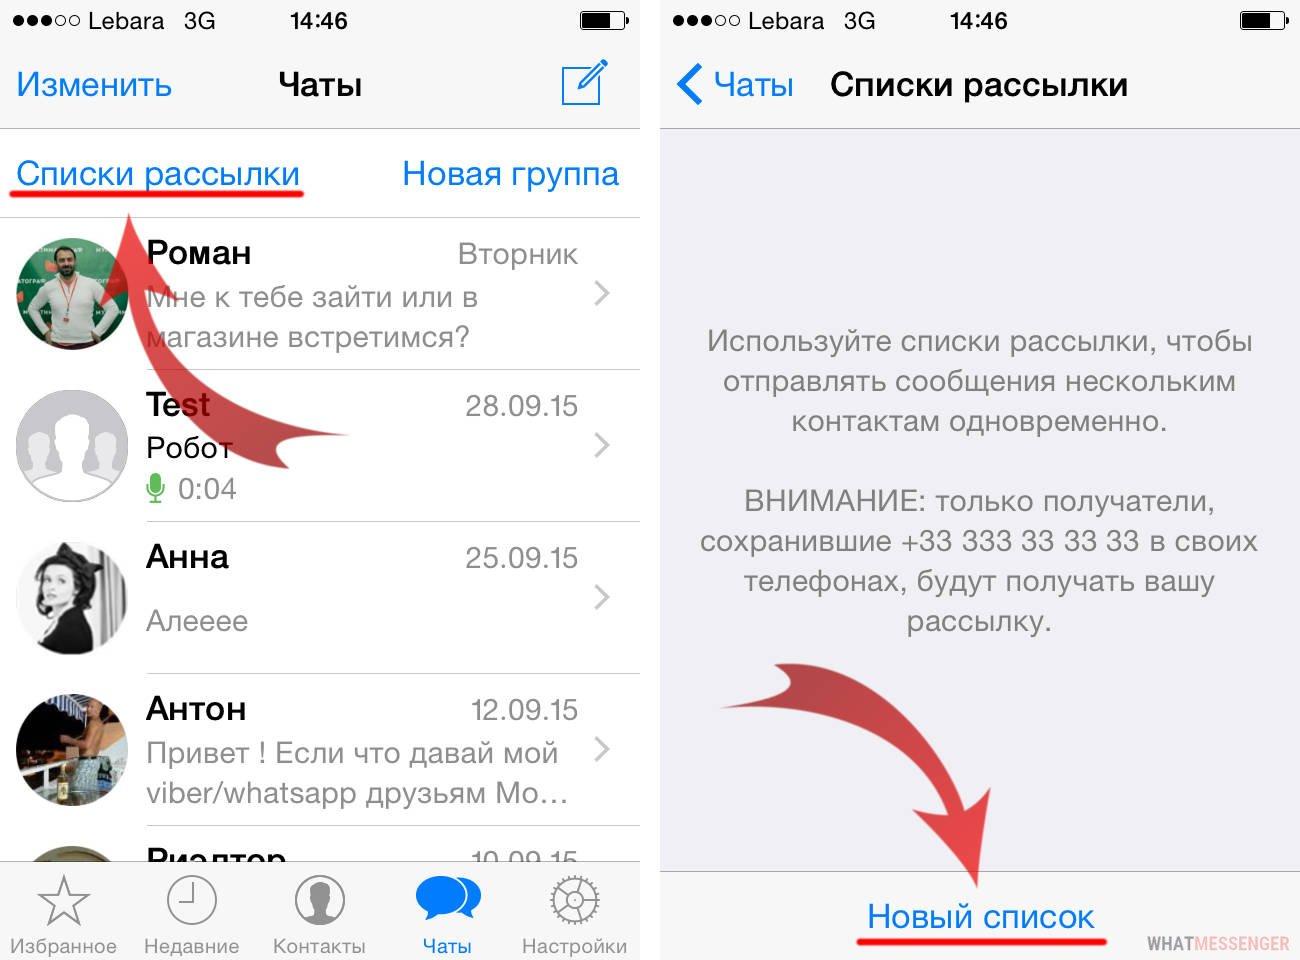 Рассылка сообщения по адресатам услуга смс рассылка